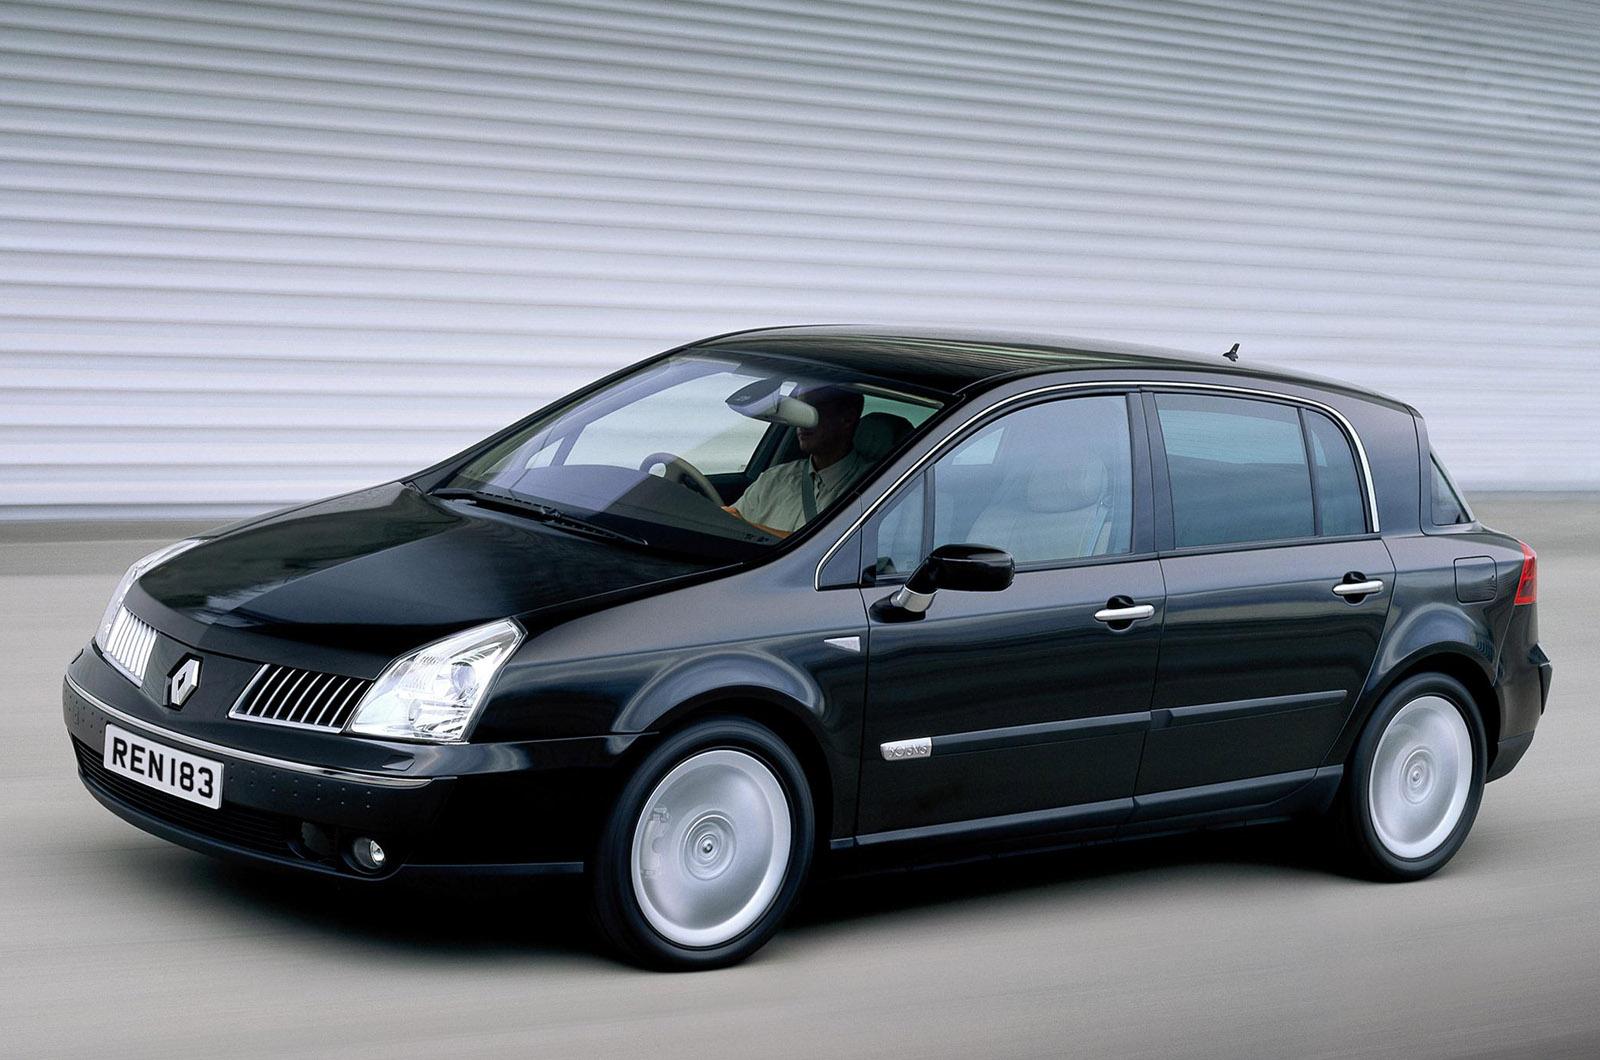 Renault Drops Mercedes Based Luxury Car Plans Autocar